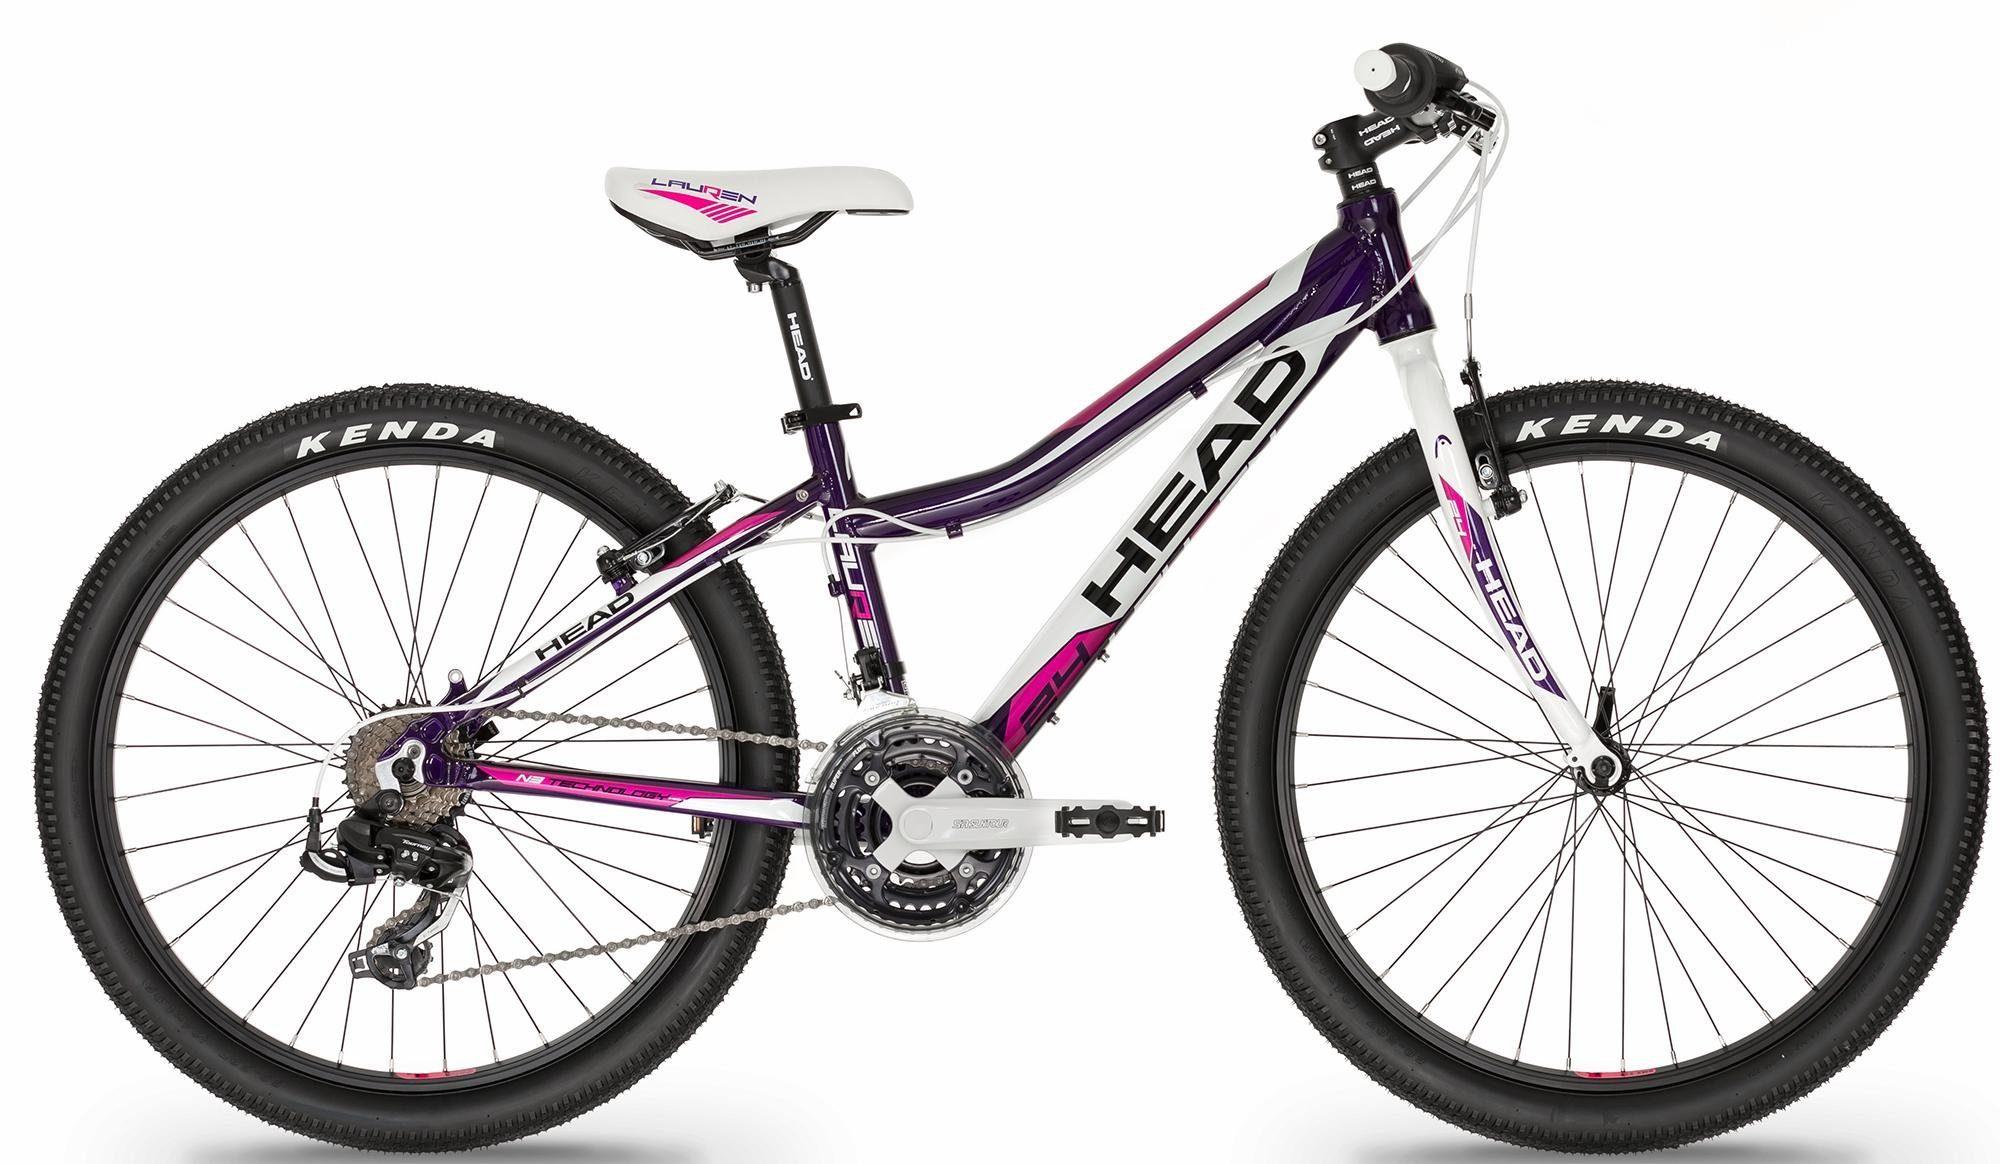 Head Mountainbike »Lauren I«, 21 Gang Shimano Shimano TY500 Schaltwerk, Kettenschaltung